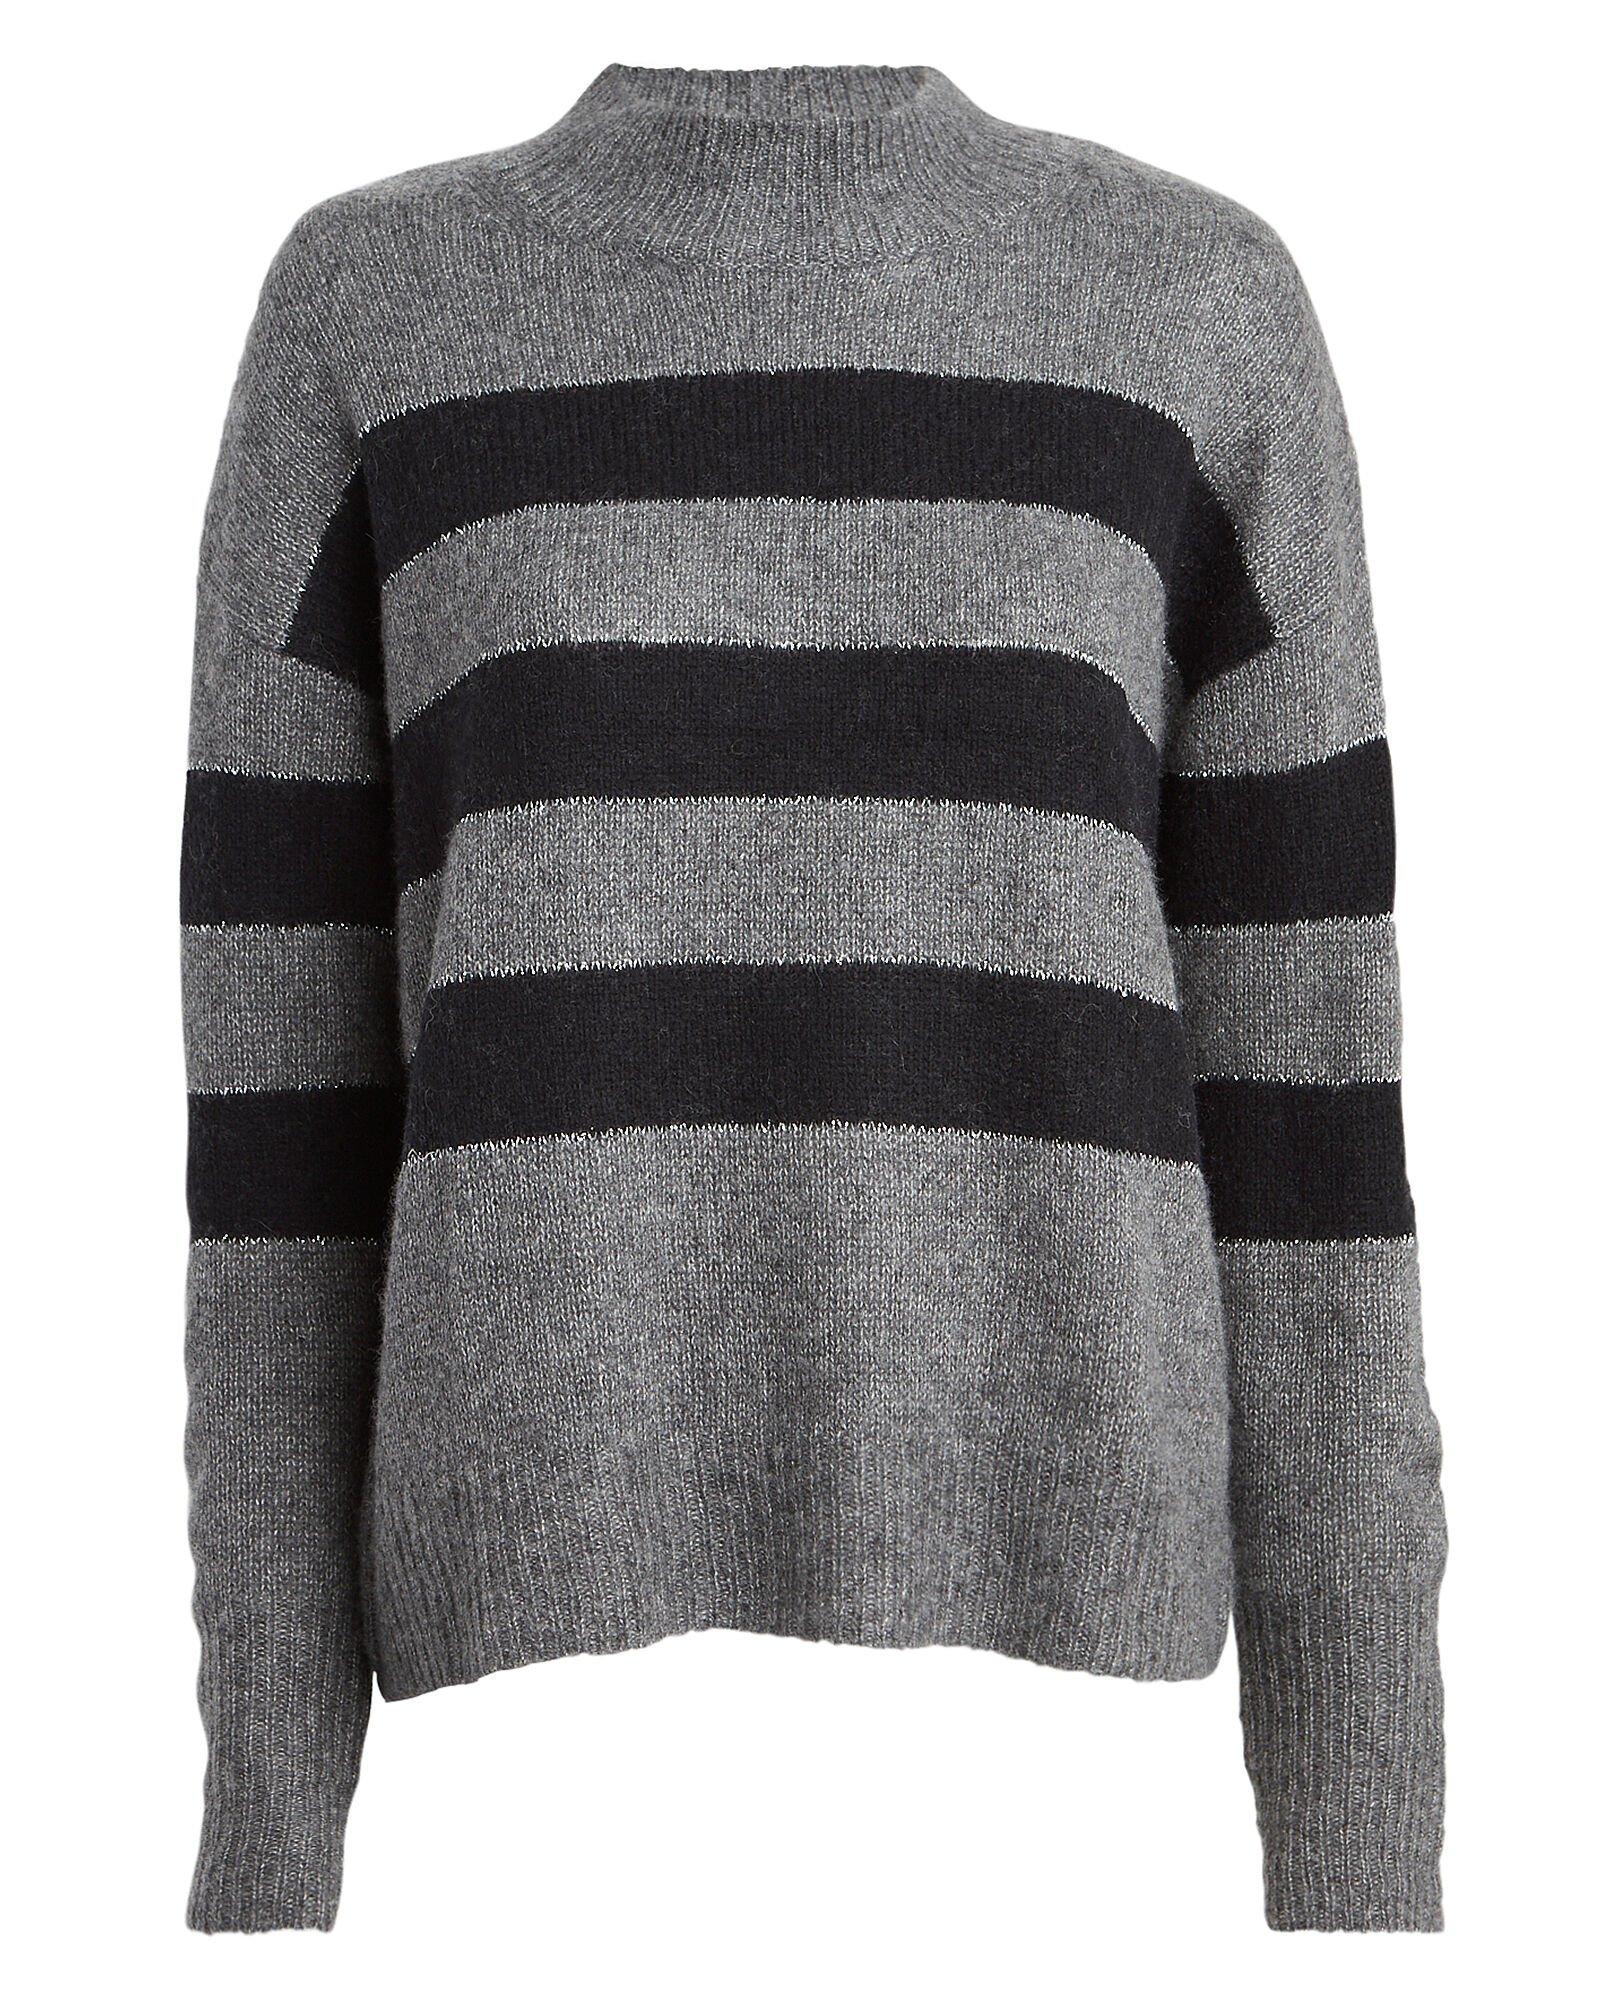 Ellise Striped Mock Neck Sweater